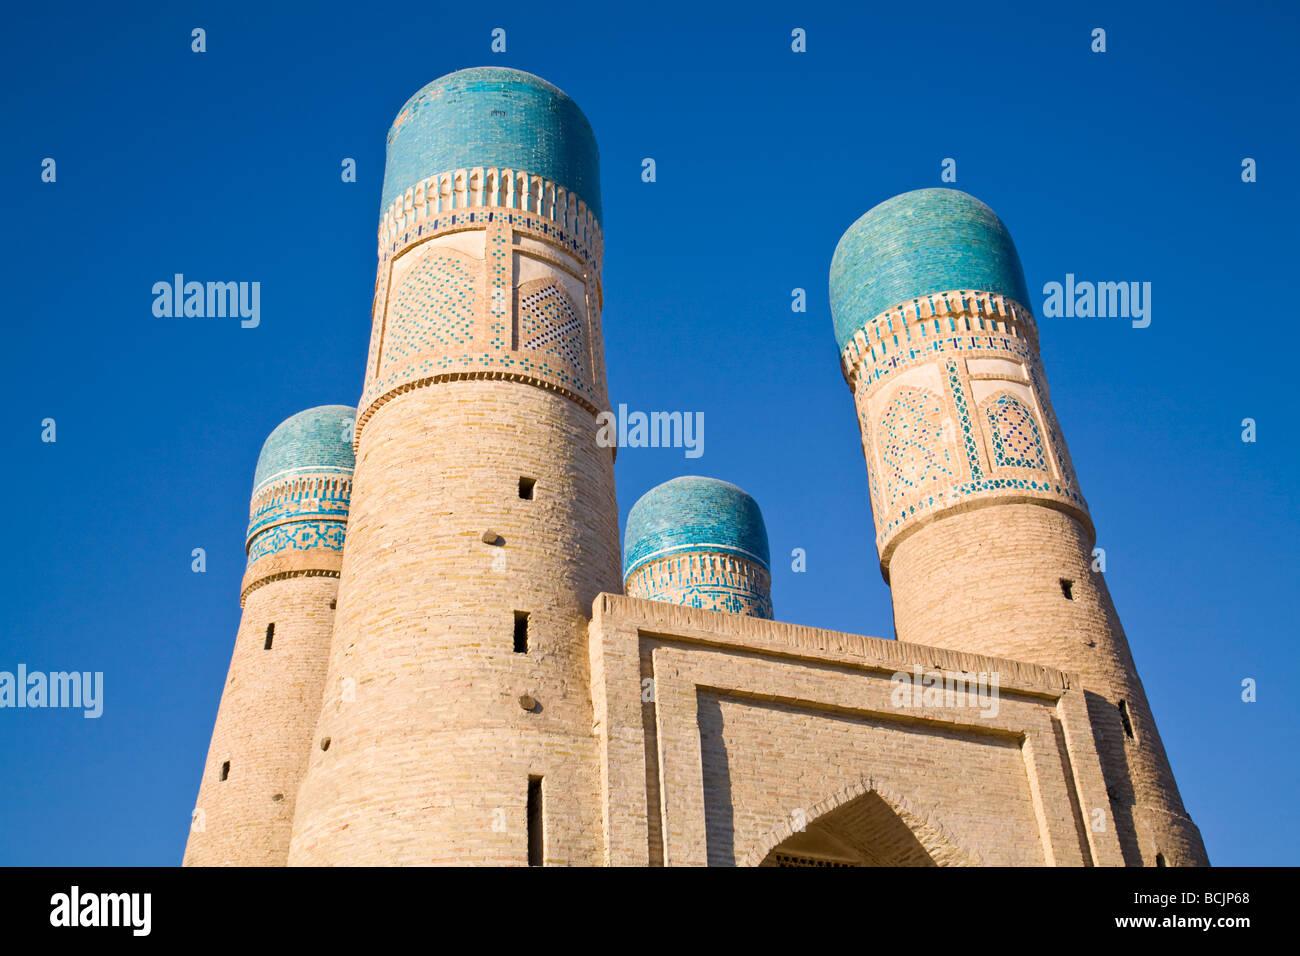 Uzbekistan, Bukhara, Chor Minor - Stock Image